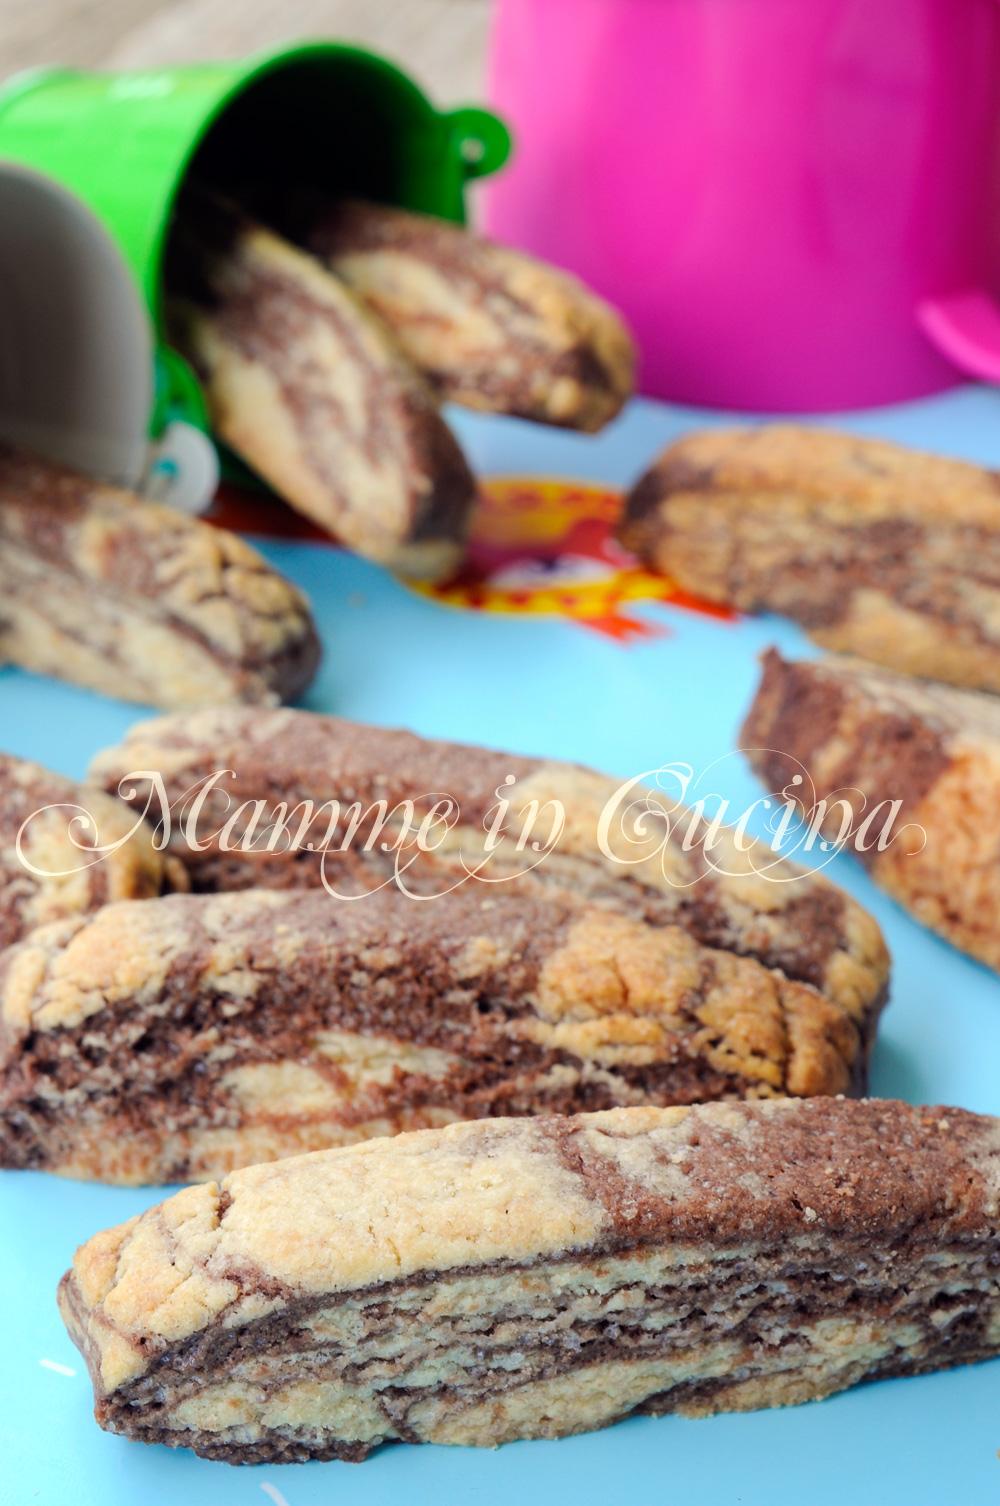 Biscotti marmorizzati ricetta veloce per bambini mamme in cucina